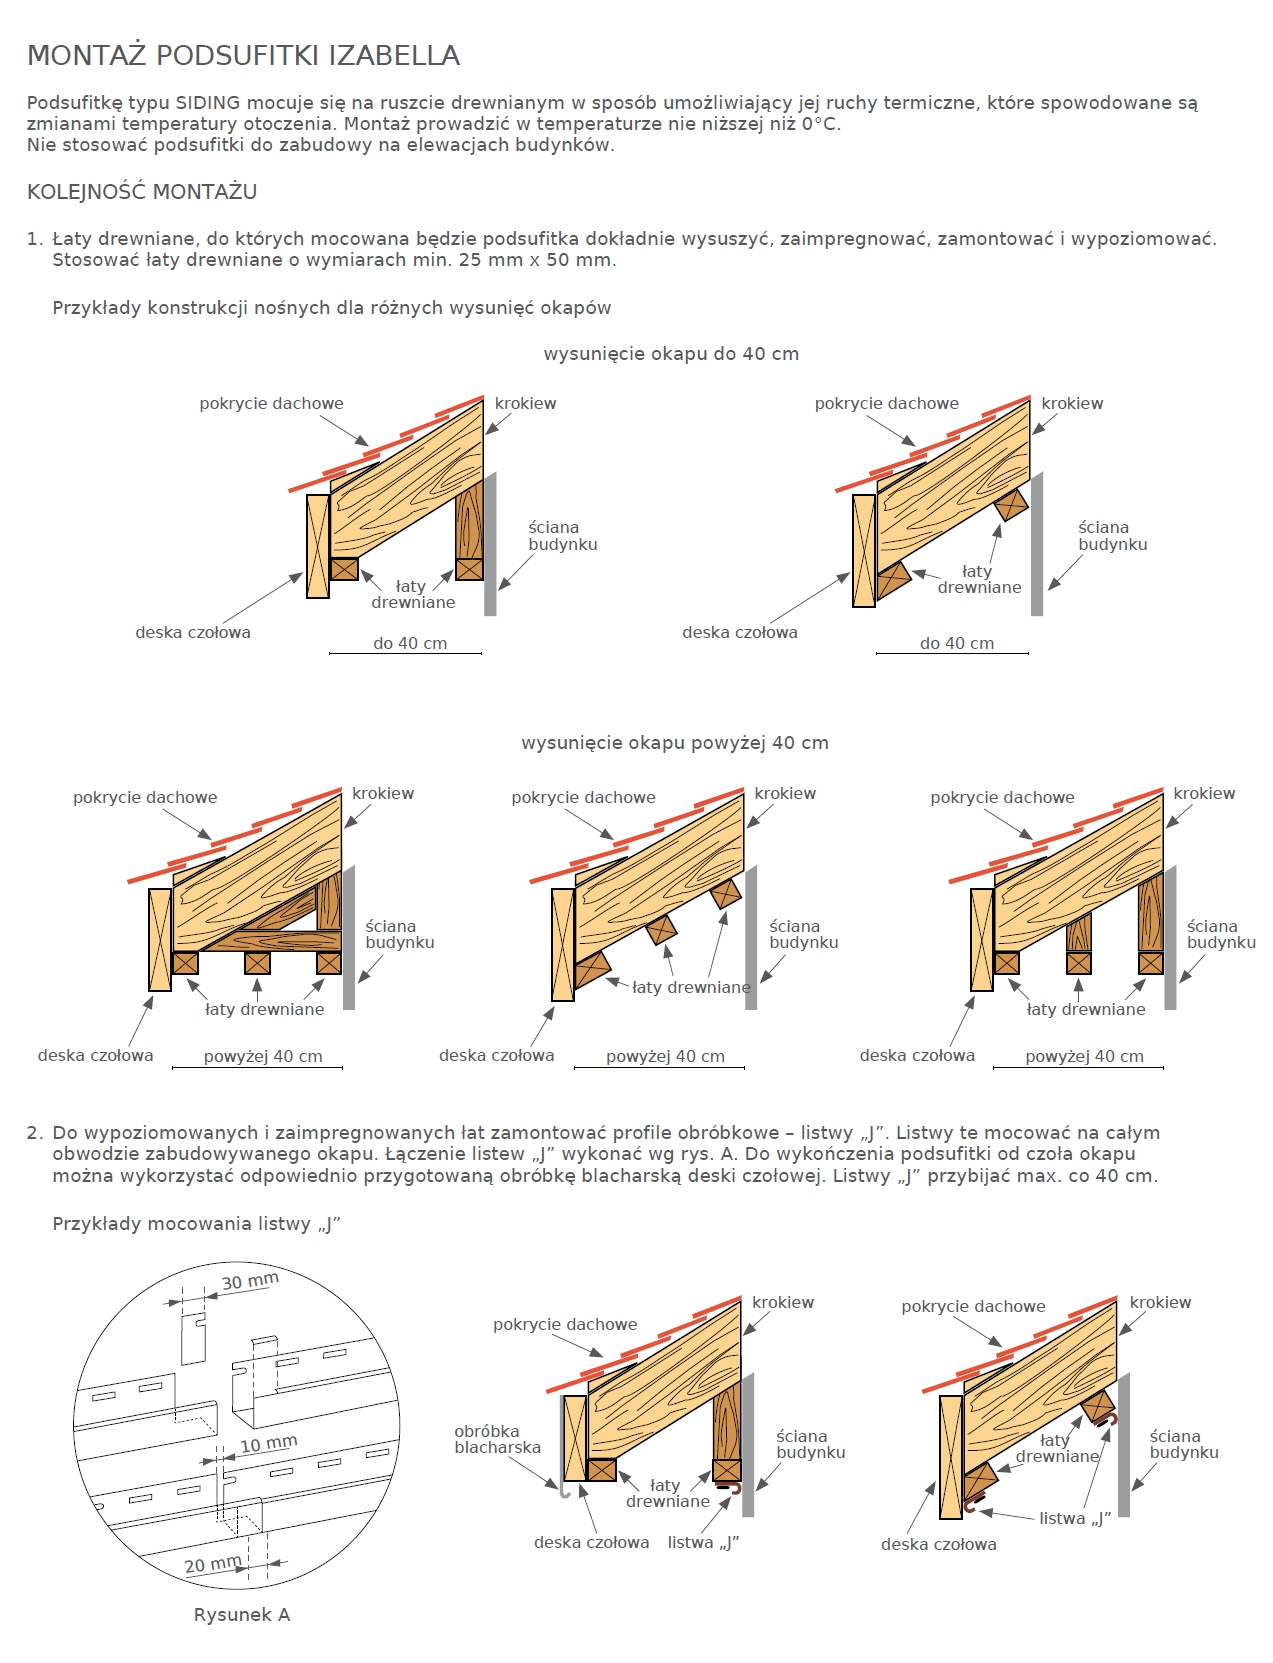 Instrukcja montażu podbitki podsufitki dachowej PCV Izabell str1